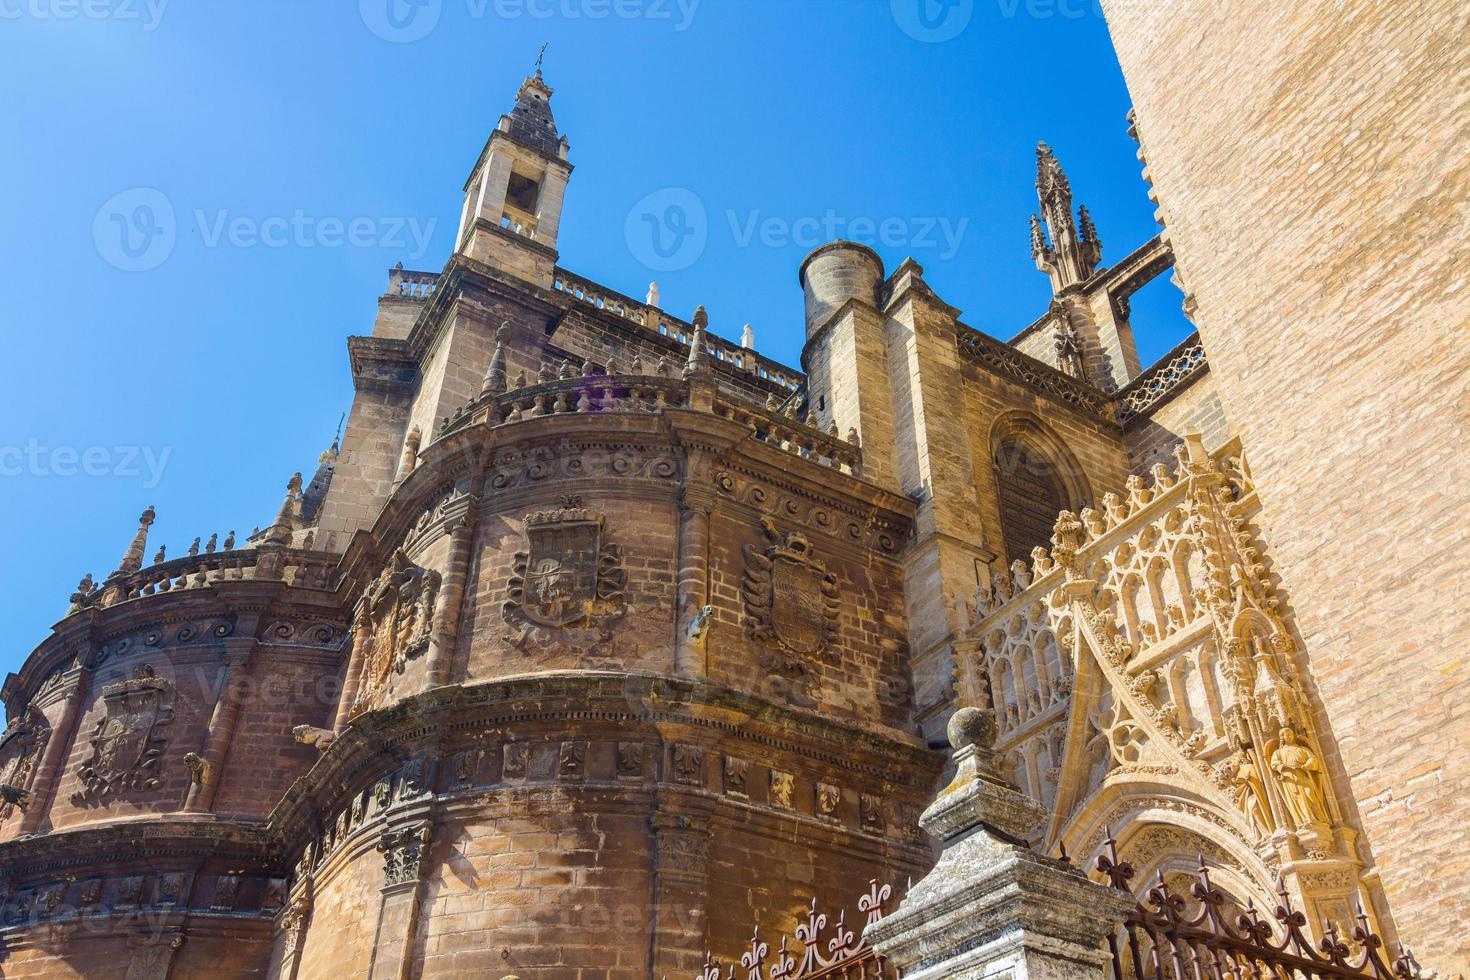 dettagli della facciata la cattedrale santa maria la giralda foto